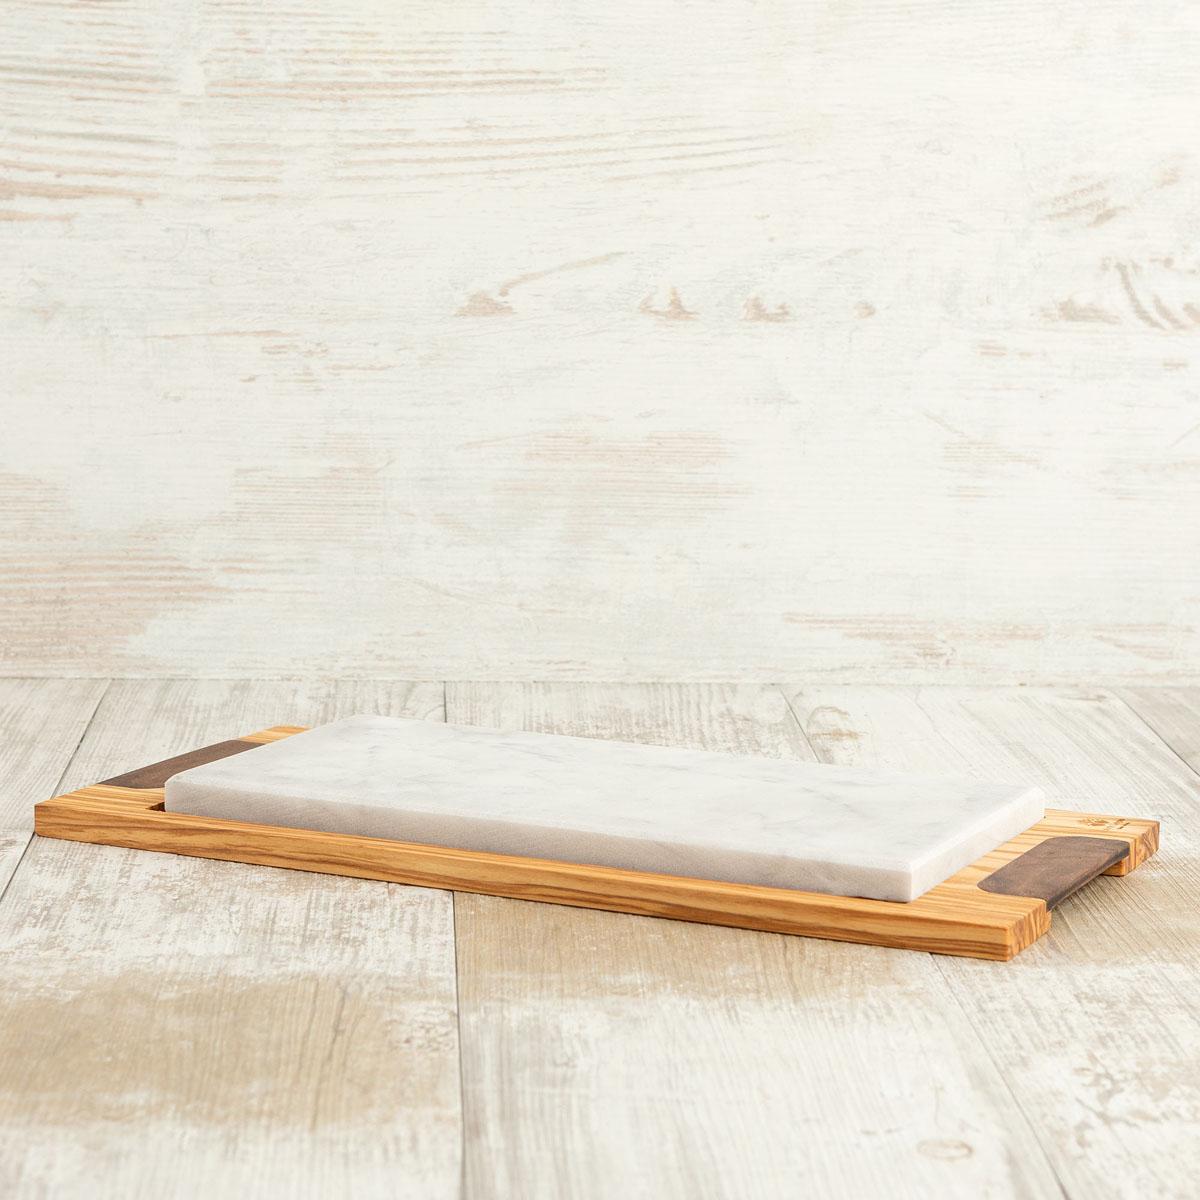 Tagliere in legno con pietra rettangolare | Arte Legno